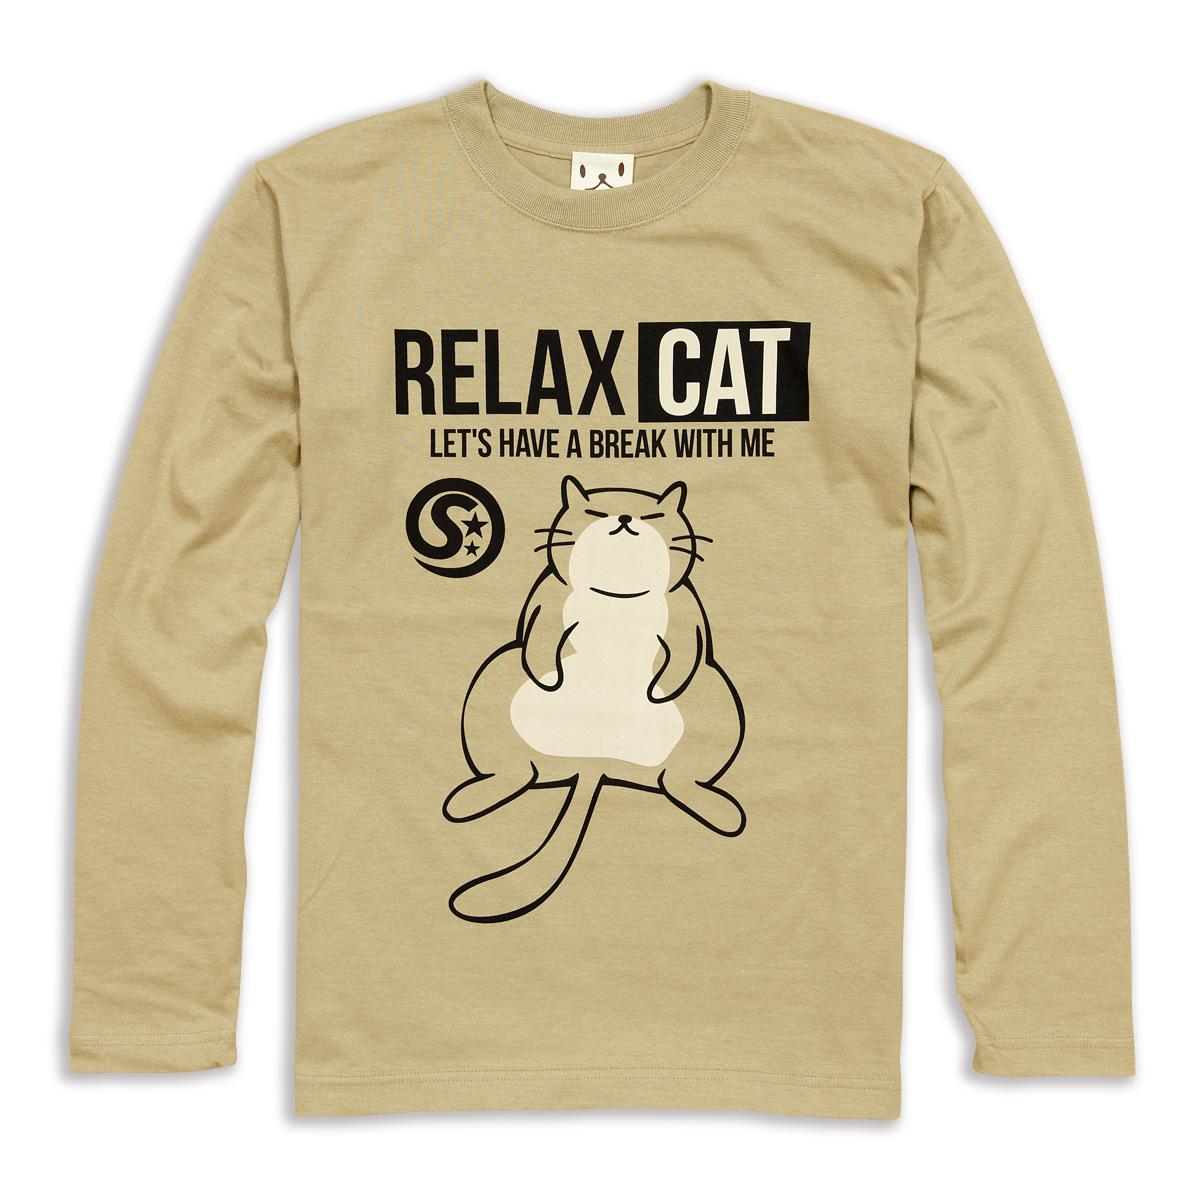 ロンT RELAX CAT サンドカーキ